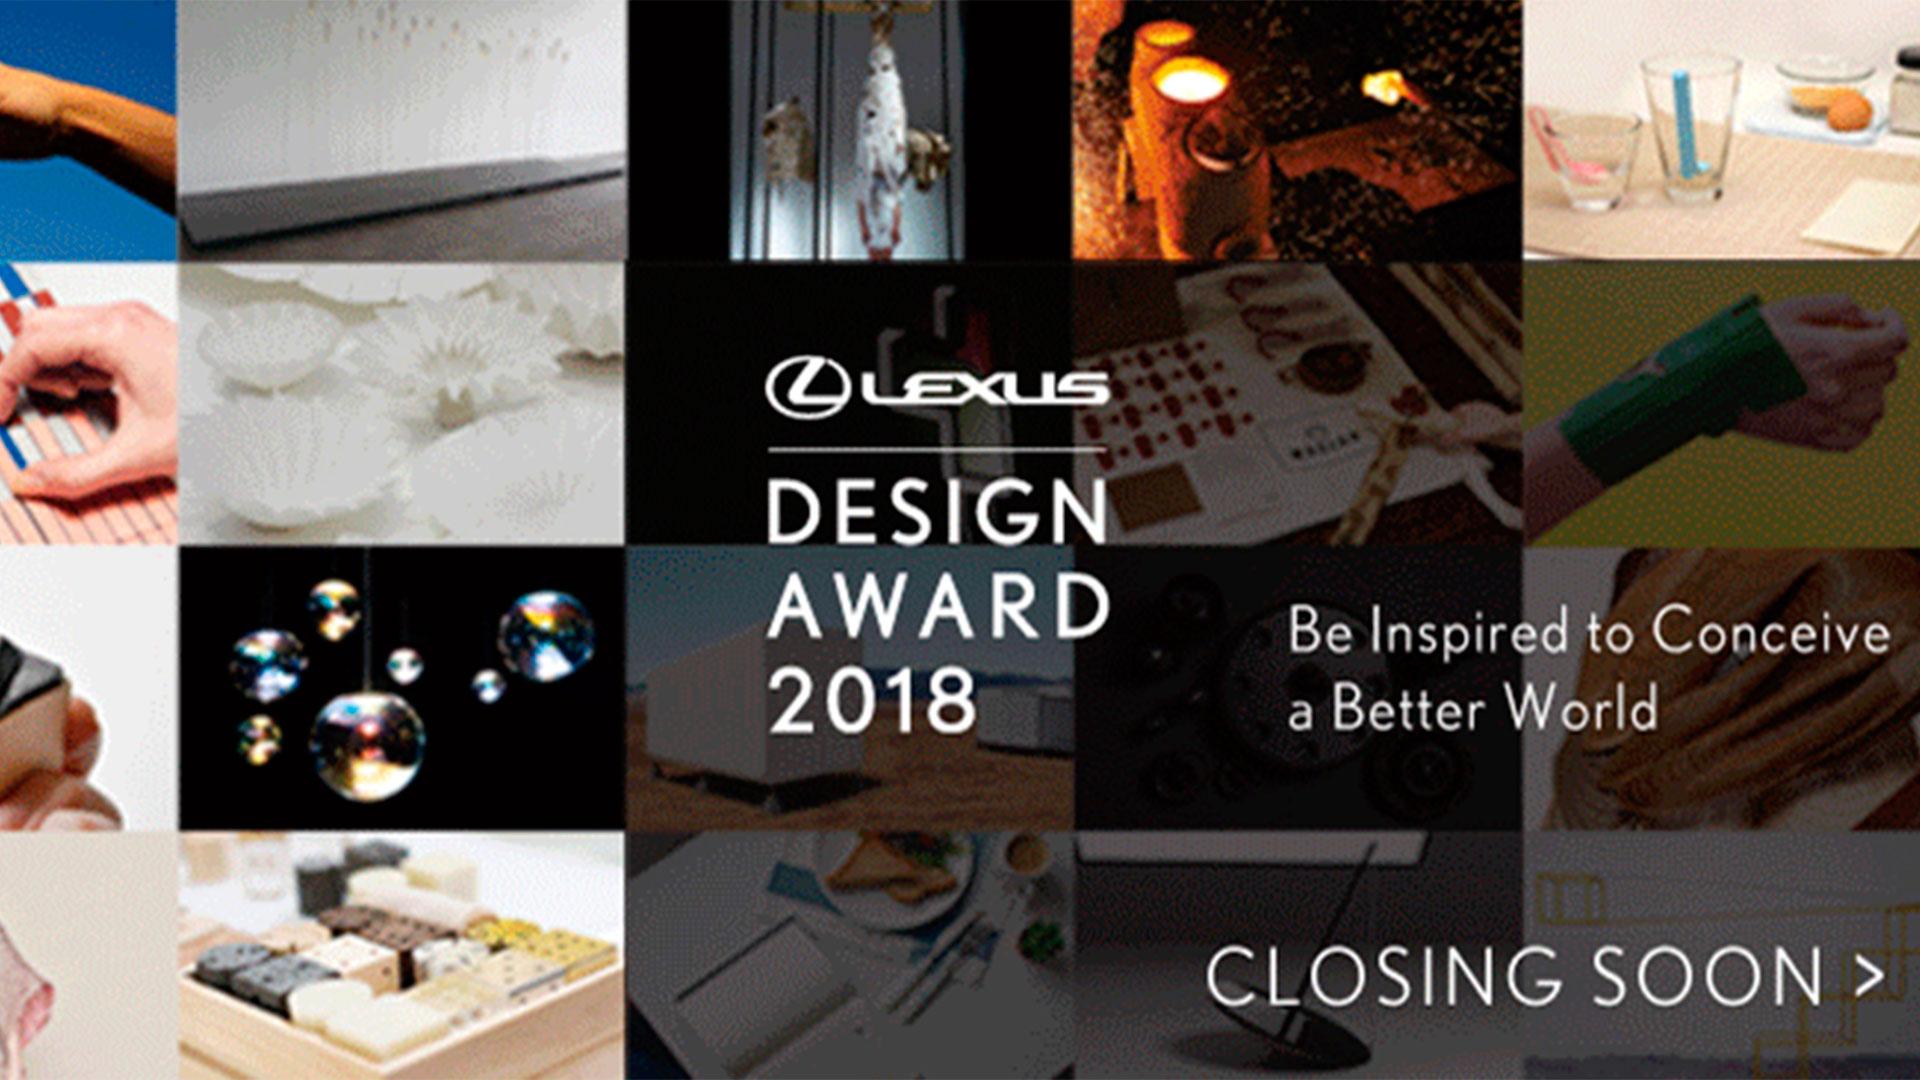 Inspiración Lexus Design Award 2018 hero asset